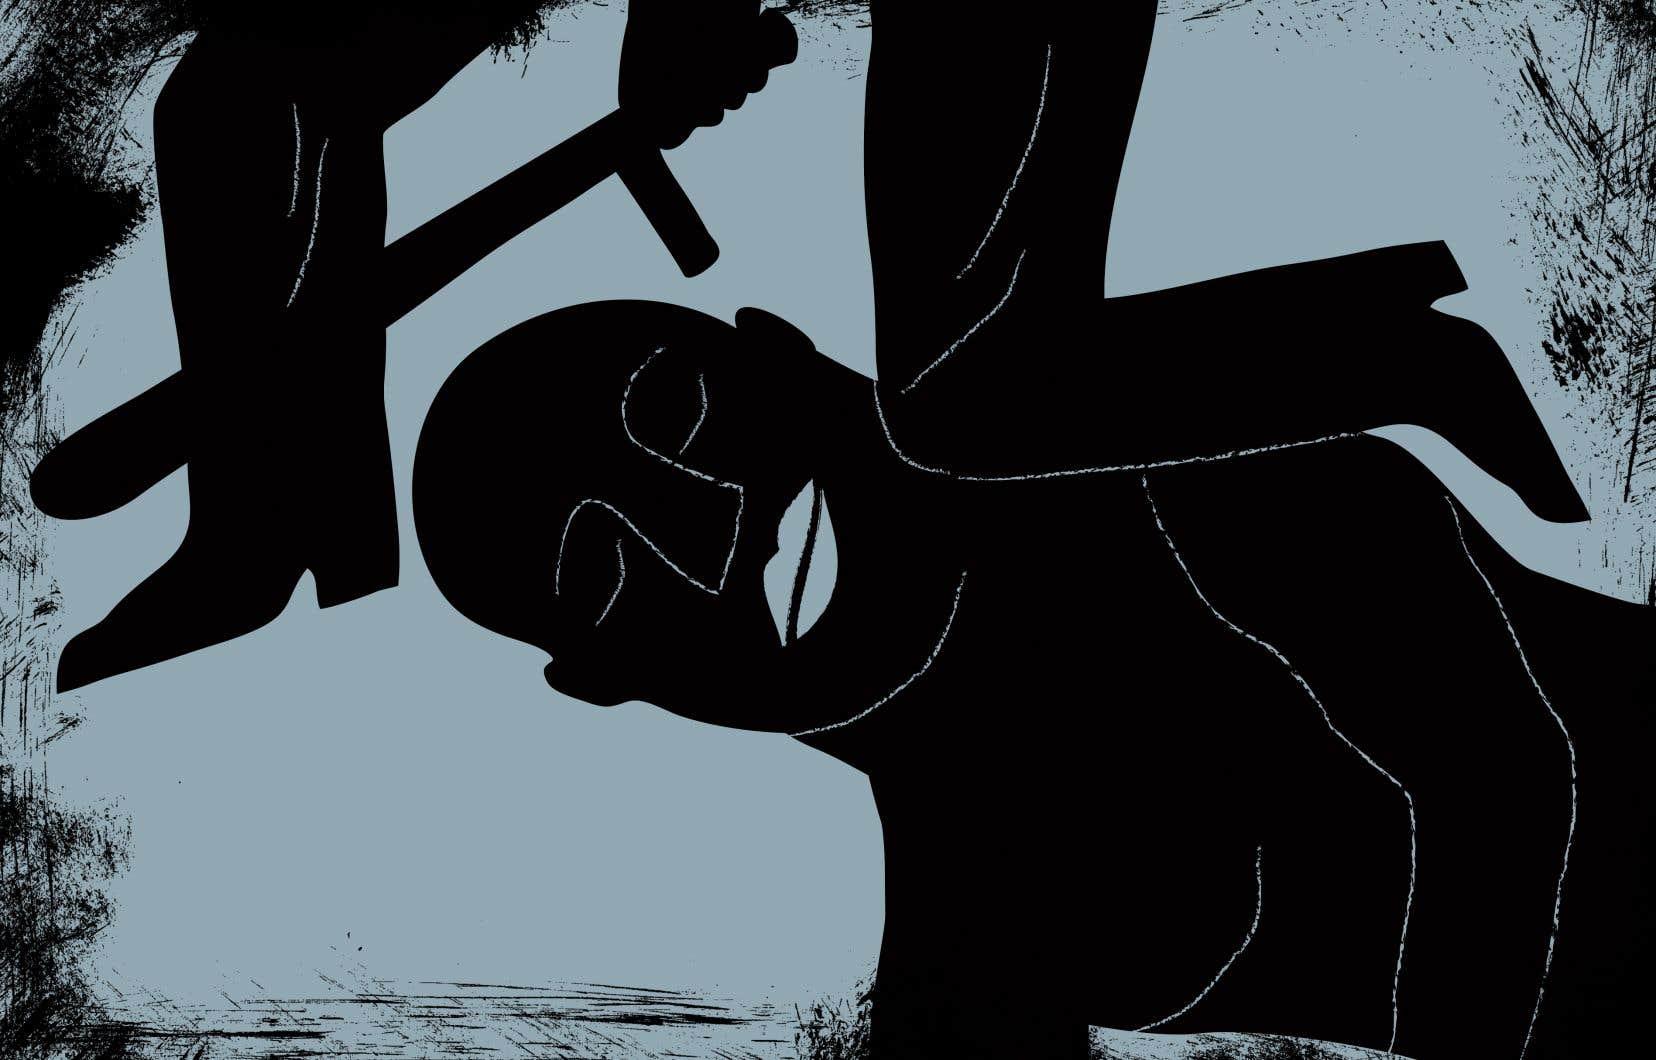 Il y a lieu de se demander pourquoi la violence policière est ordinaire, et donc tolérée dans nos sociétés. Et de se demander aussi ce qu'il faut changer pour que cela cesse. La philosophe française Elsa Dorlin donne des pistes de réponses à ces questions.